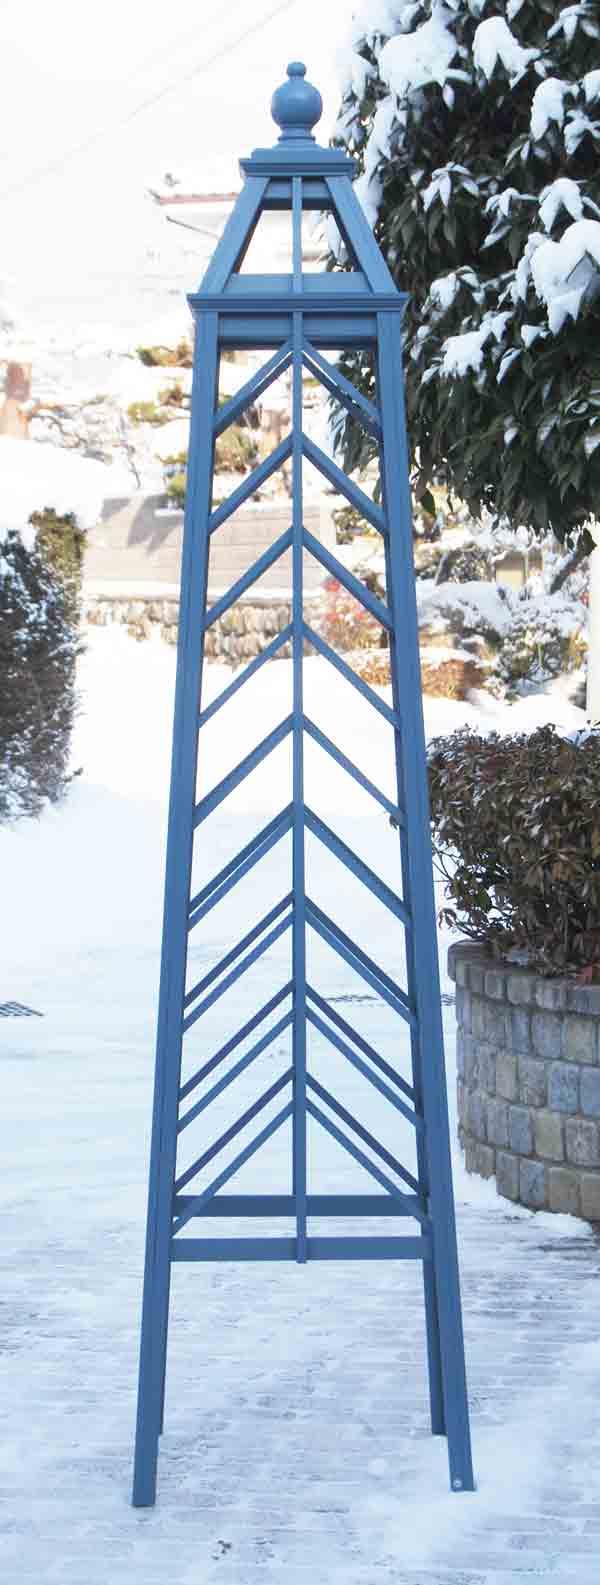 オベリスク SPピラミッドタイプ 「ツリー」サイズ:WL(高さ212cm、幅50cm、奥行き50cm)